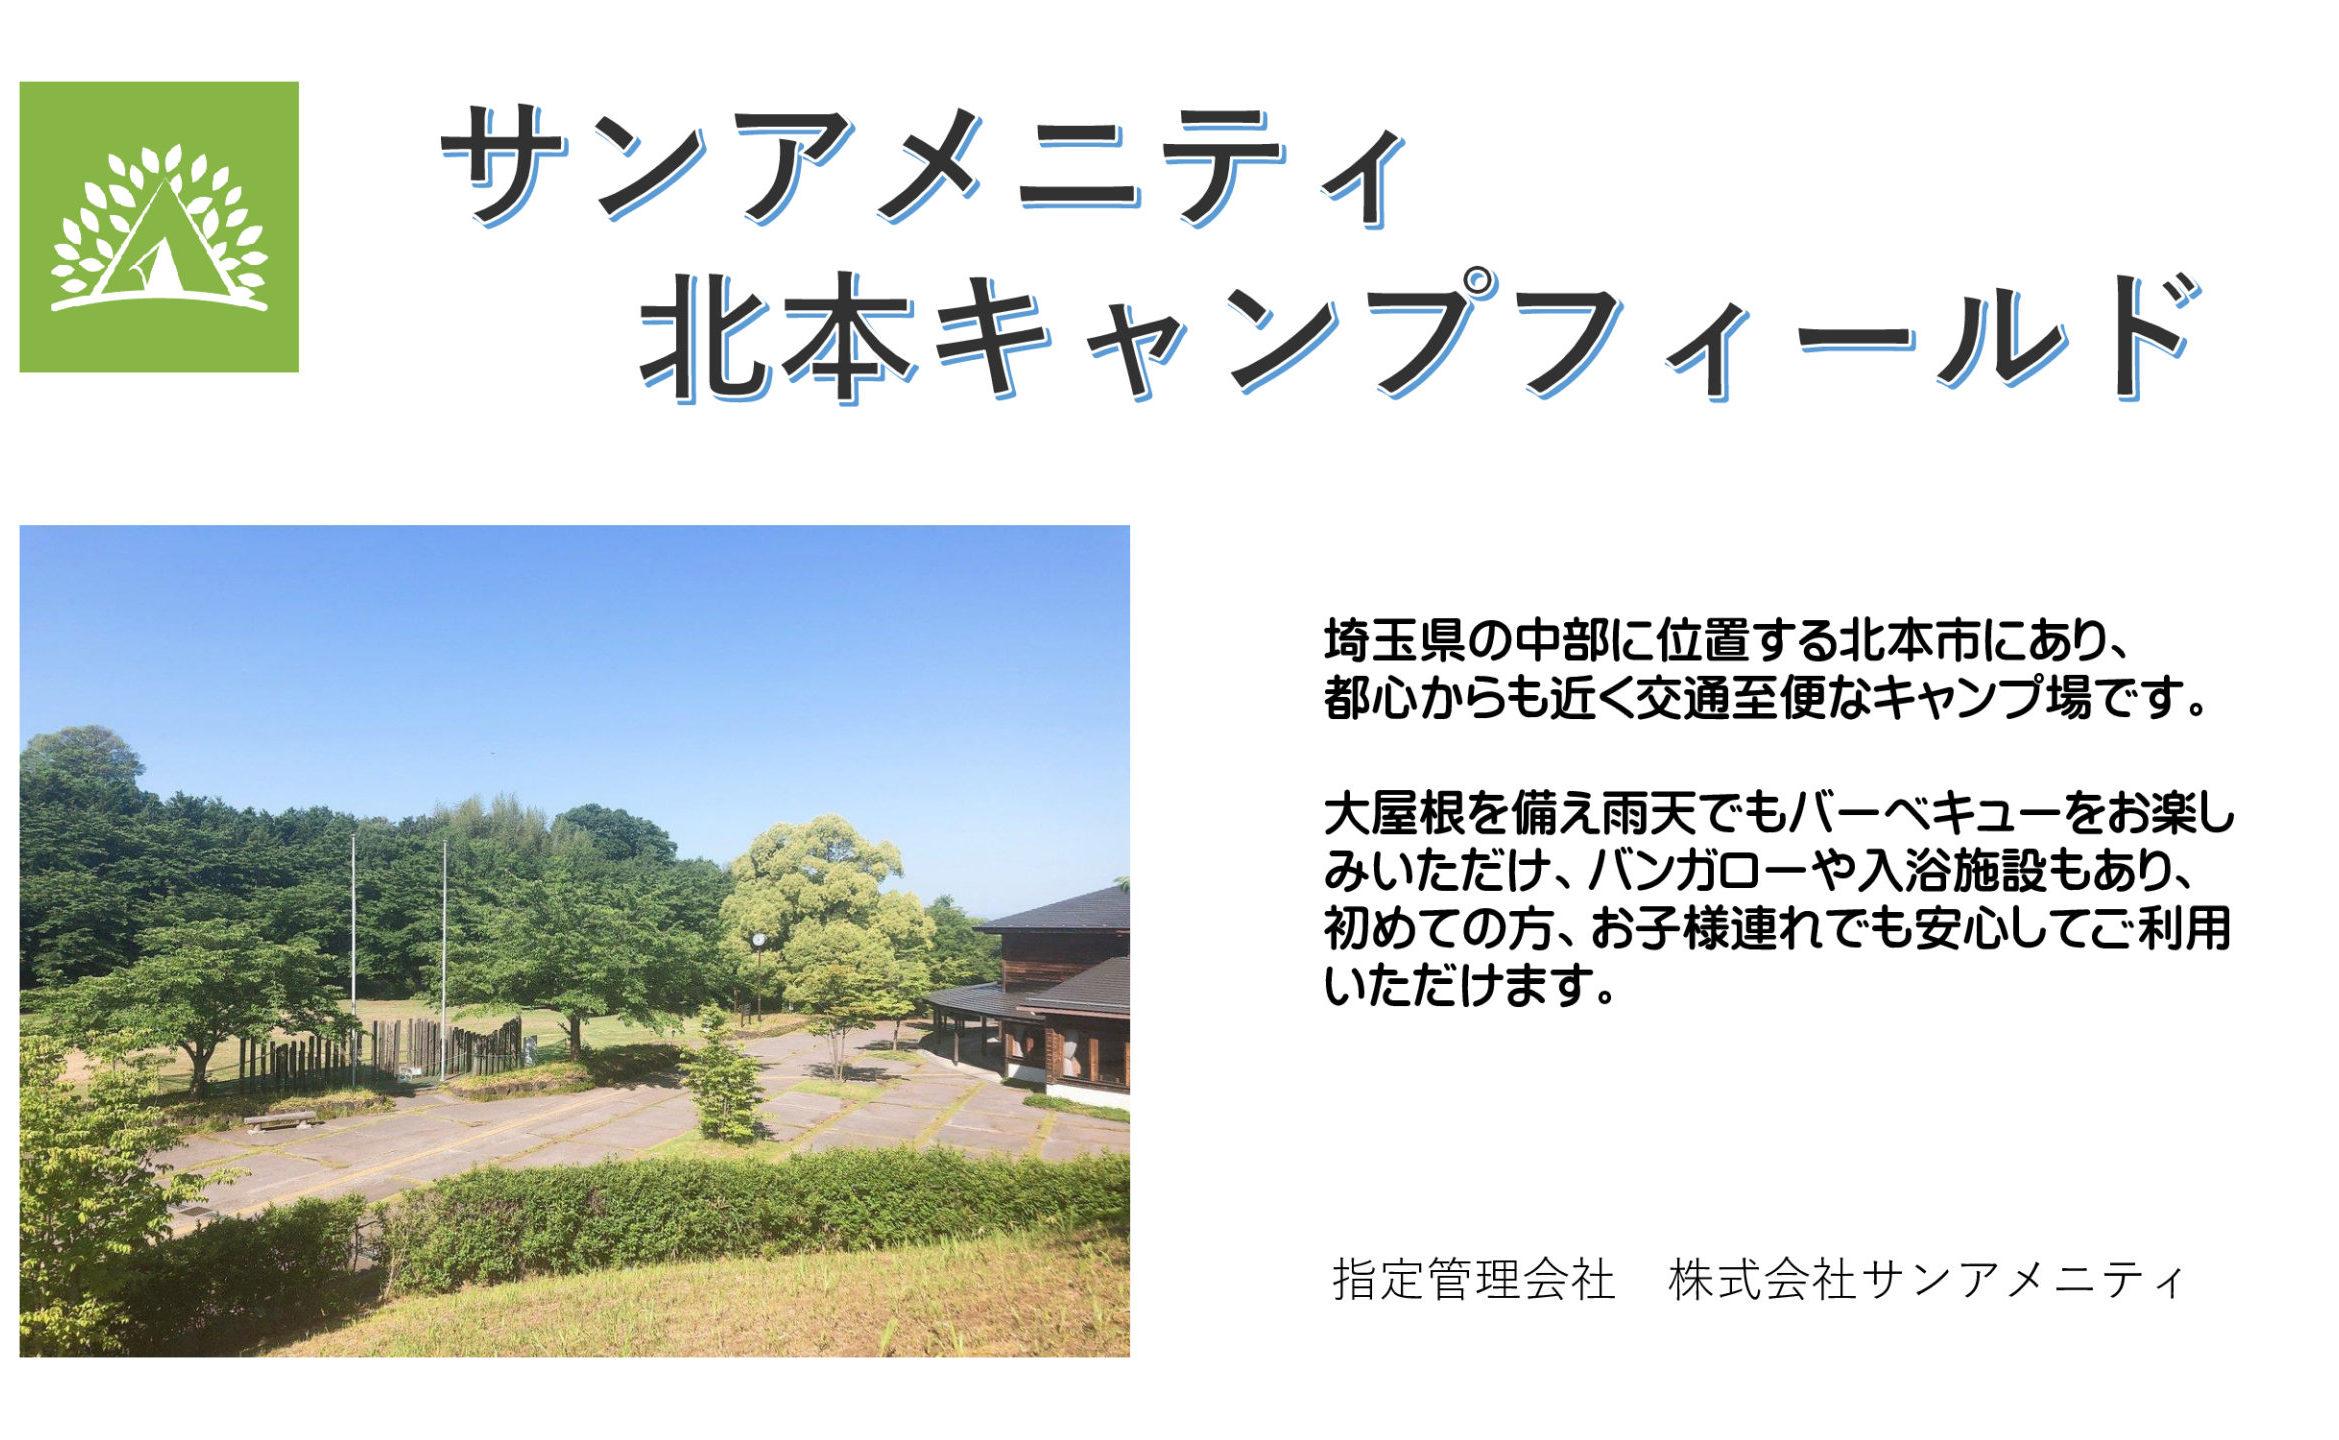 キャンプ 埼玉 デイ